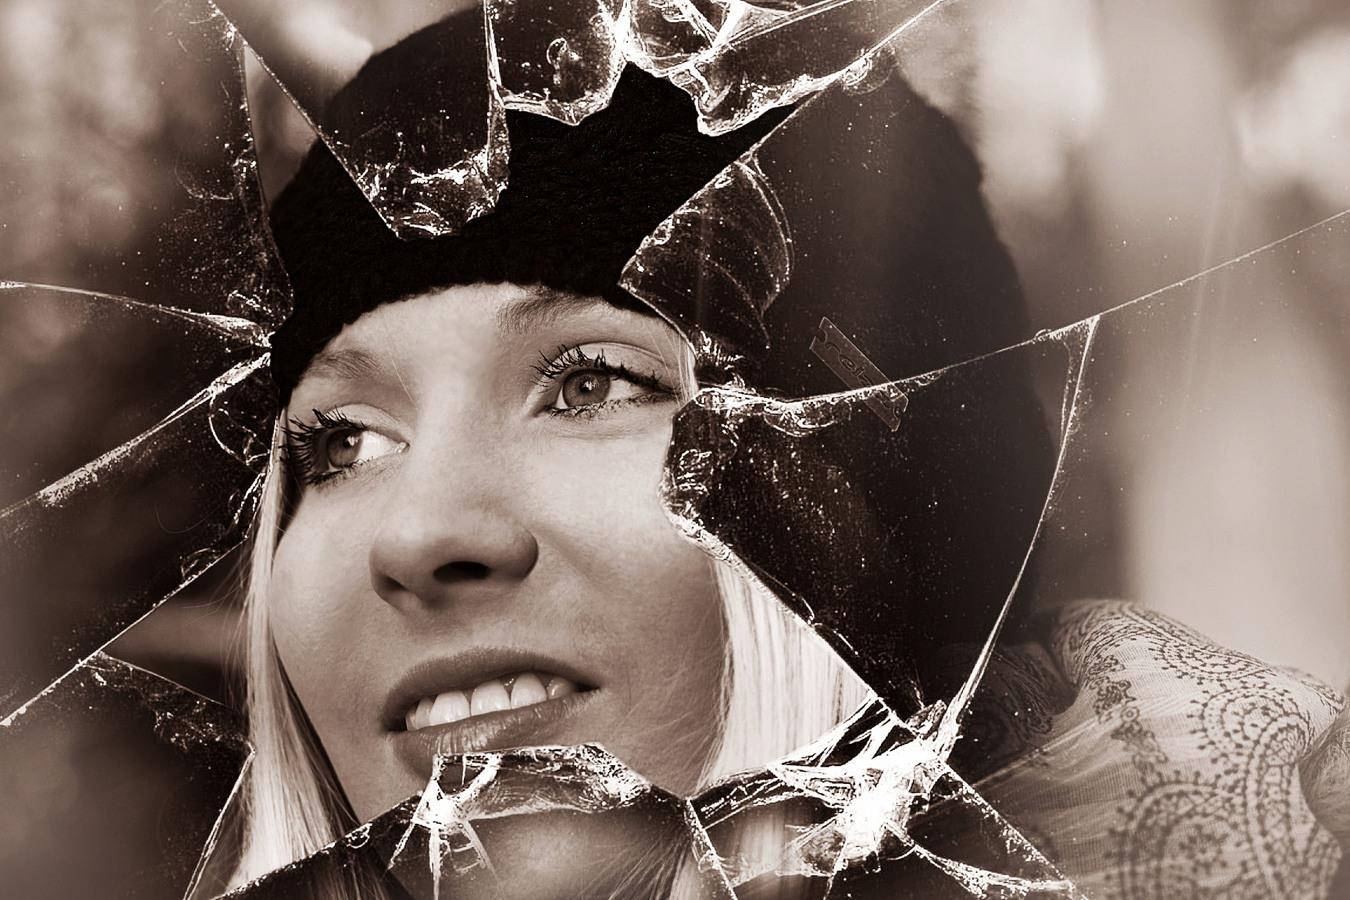 Pro její krásu se stane i tvrdé sklo křehkým...